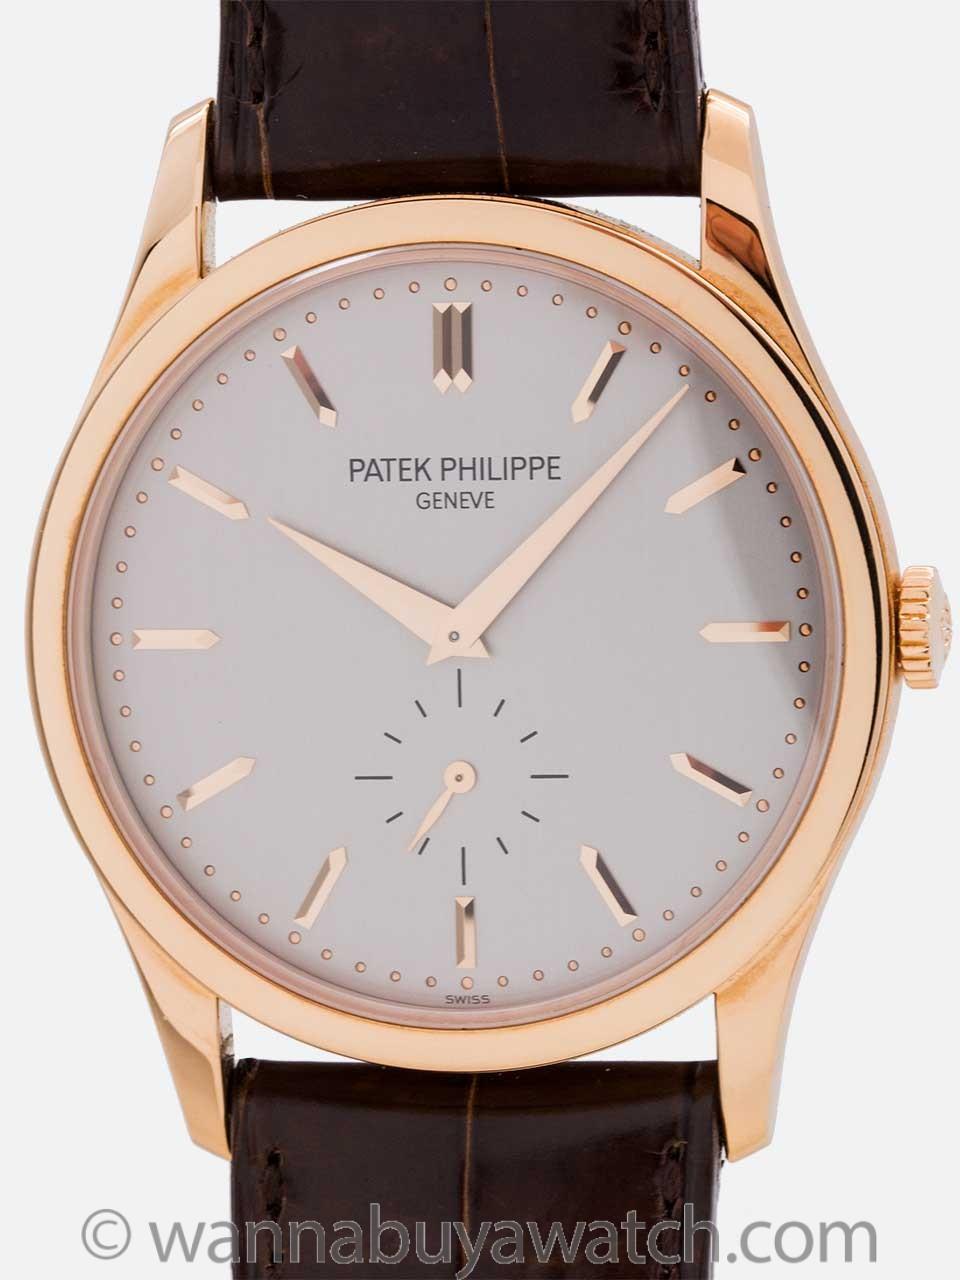 Patek Philippe 18K Rose Gold Calatrava ref 5196R circa 2000s